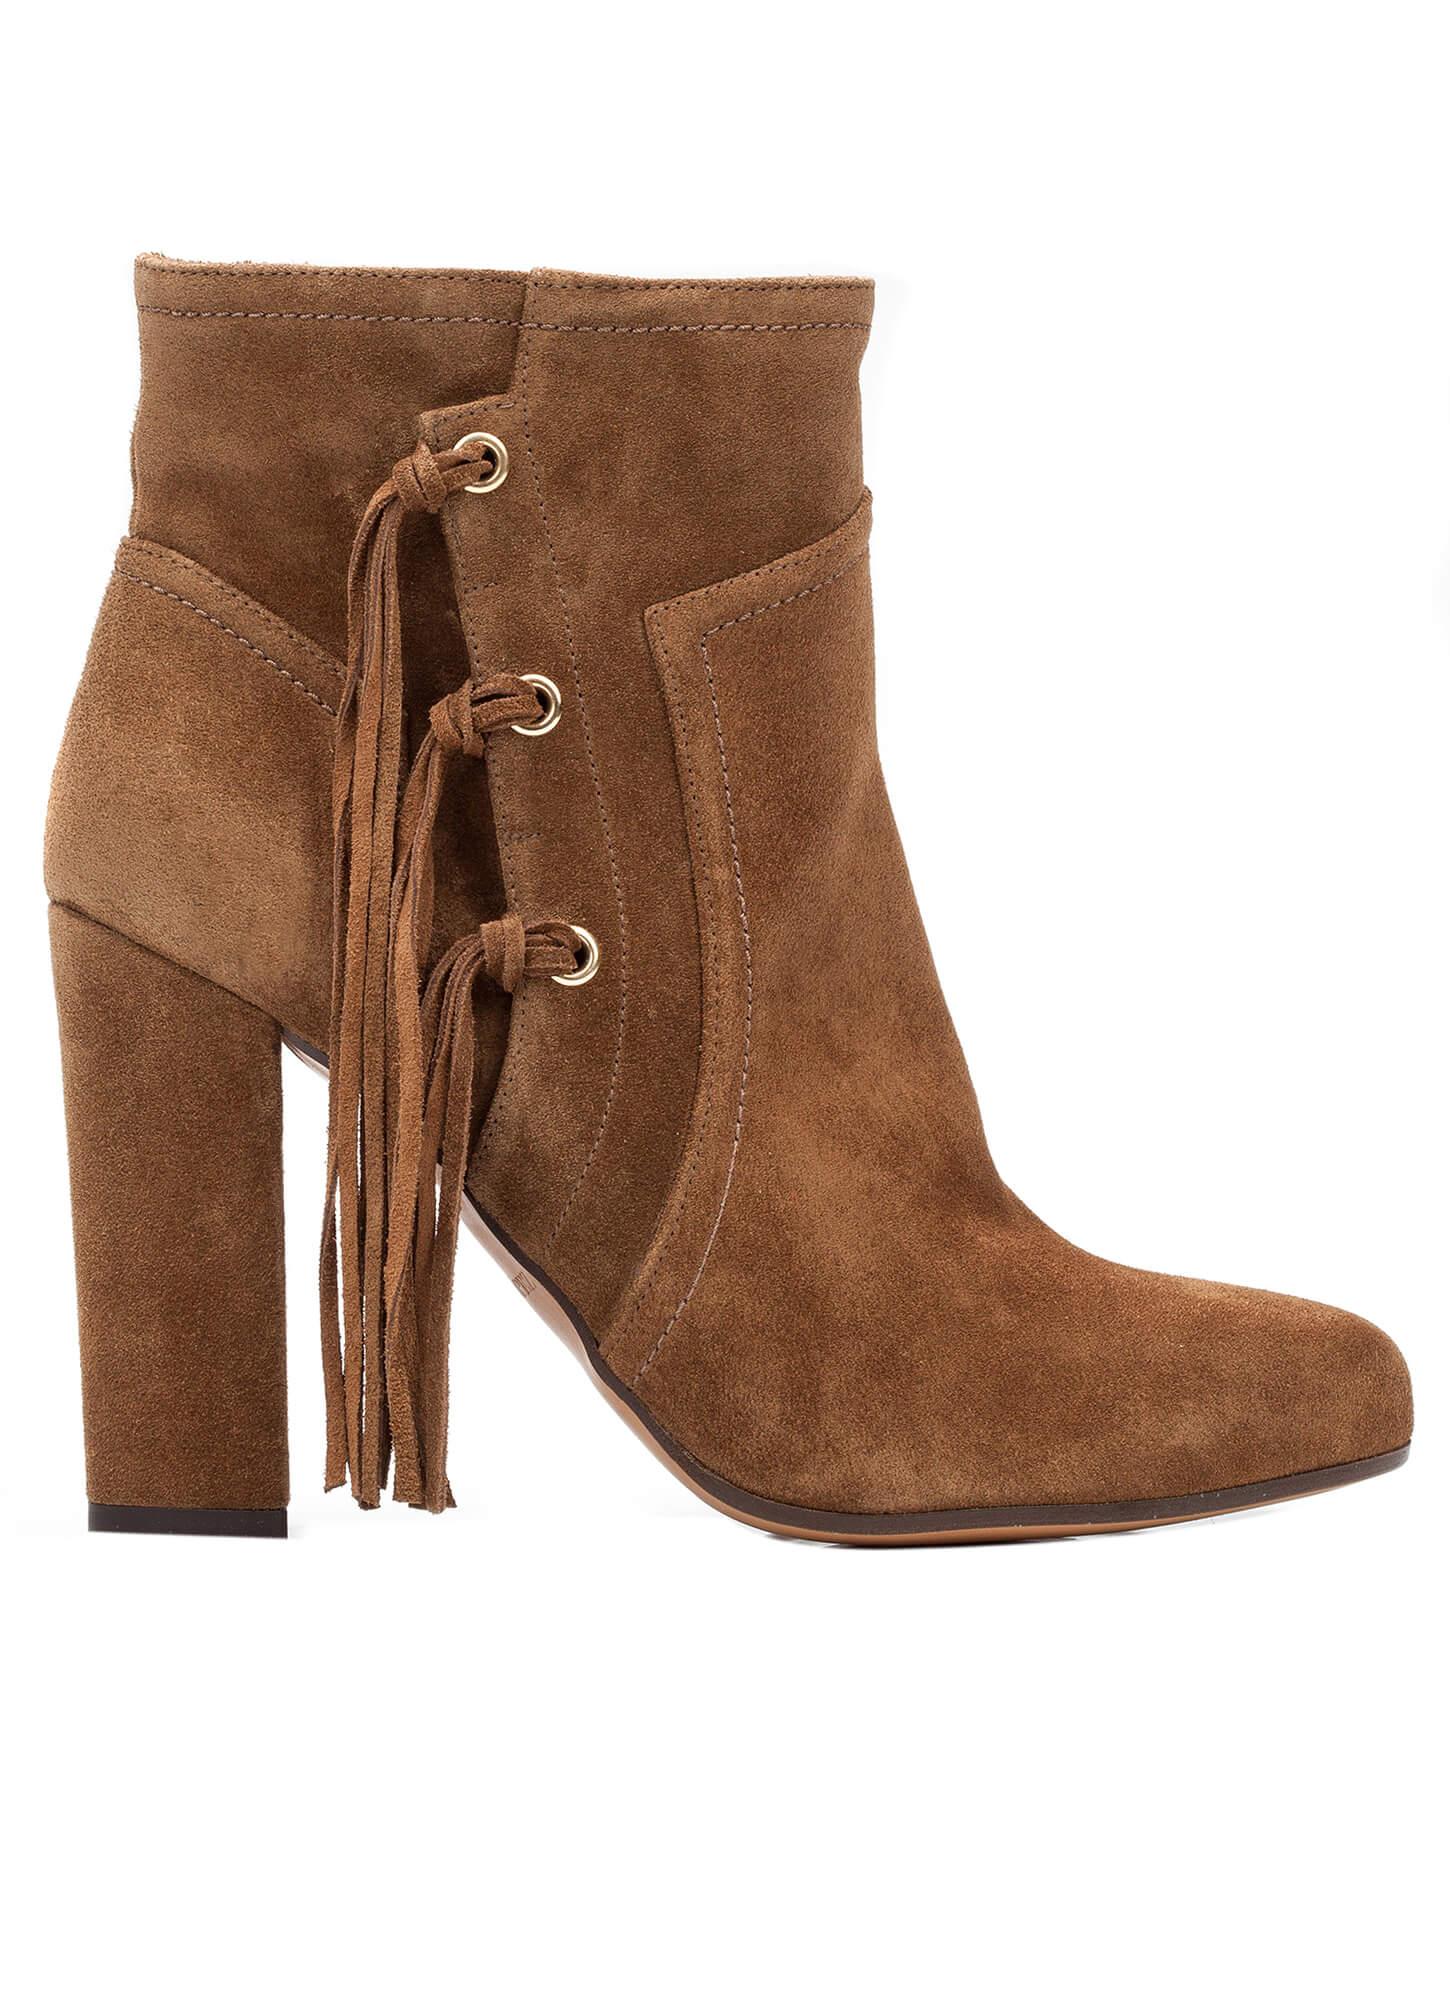 b0ba544f3 Botín marrón de tacón alto ancho - tienda de zapatos Pura López ...